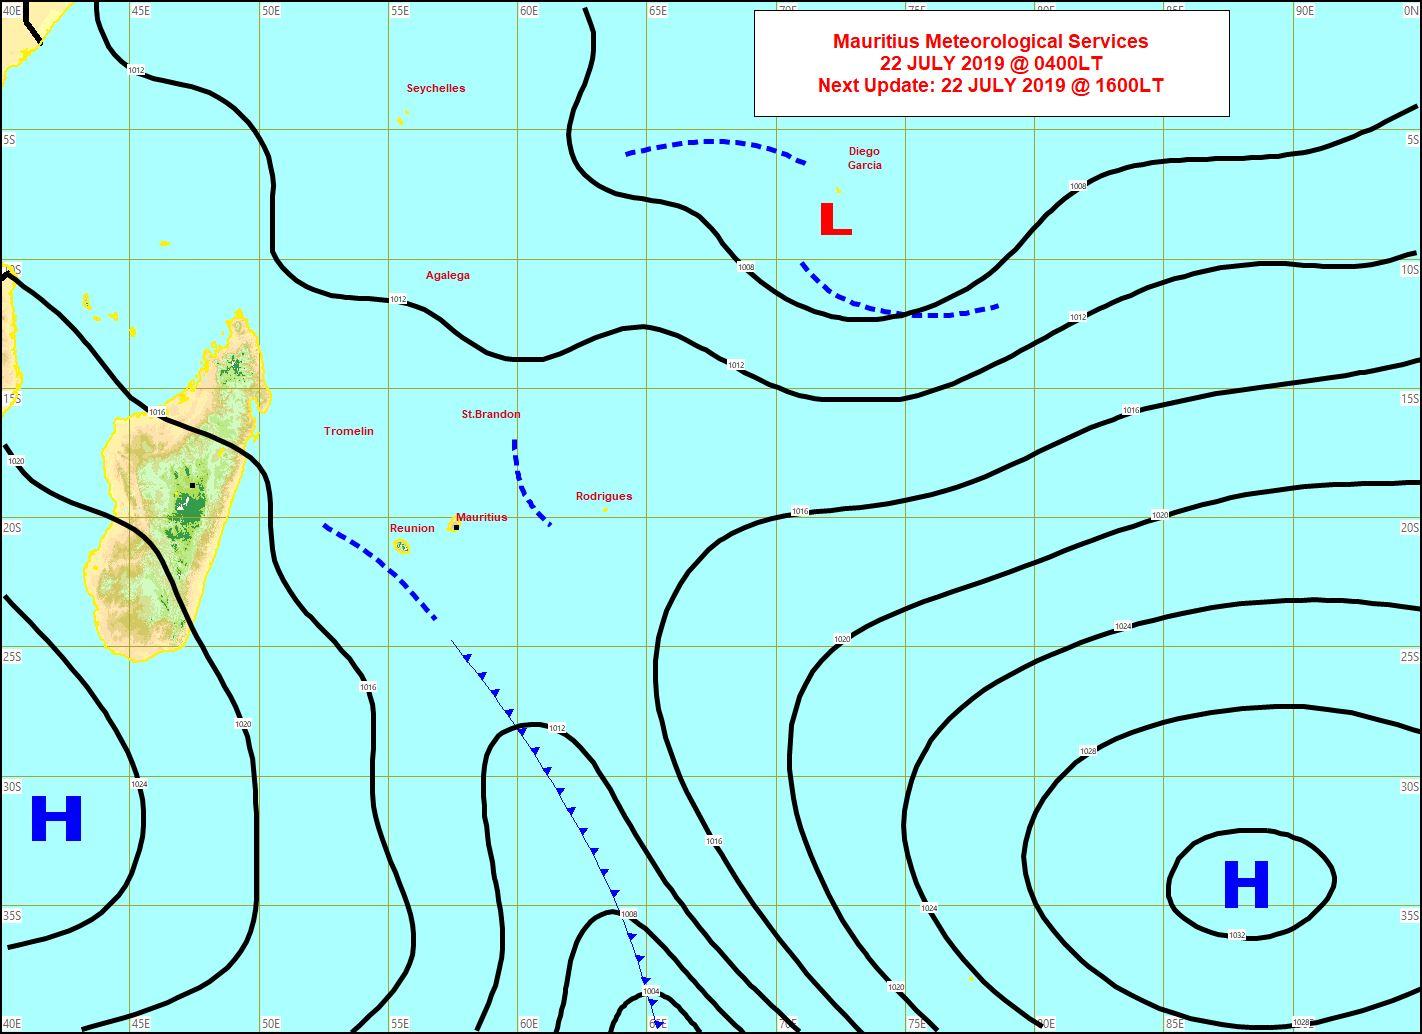 Analyse de surface ce matin: le système frontal est actuellement proche de la REUNION. Il va toucher MAURICE de façon atténuée puis sera suivi par de l'air frais avec un renforcement des vents. MMS